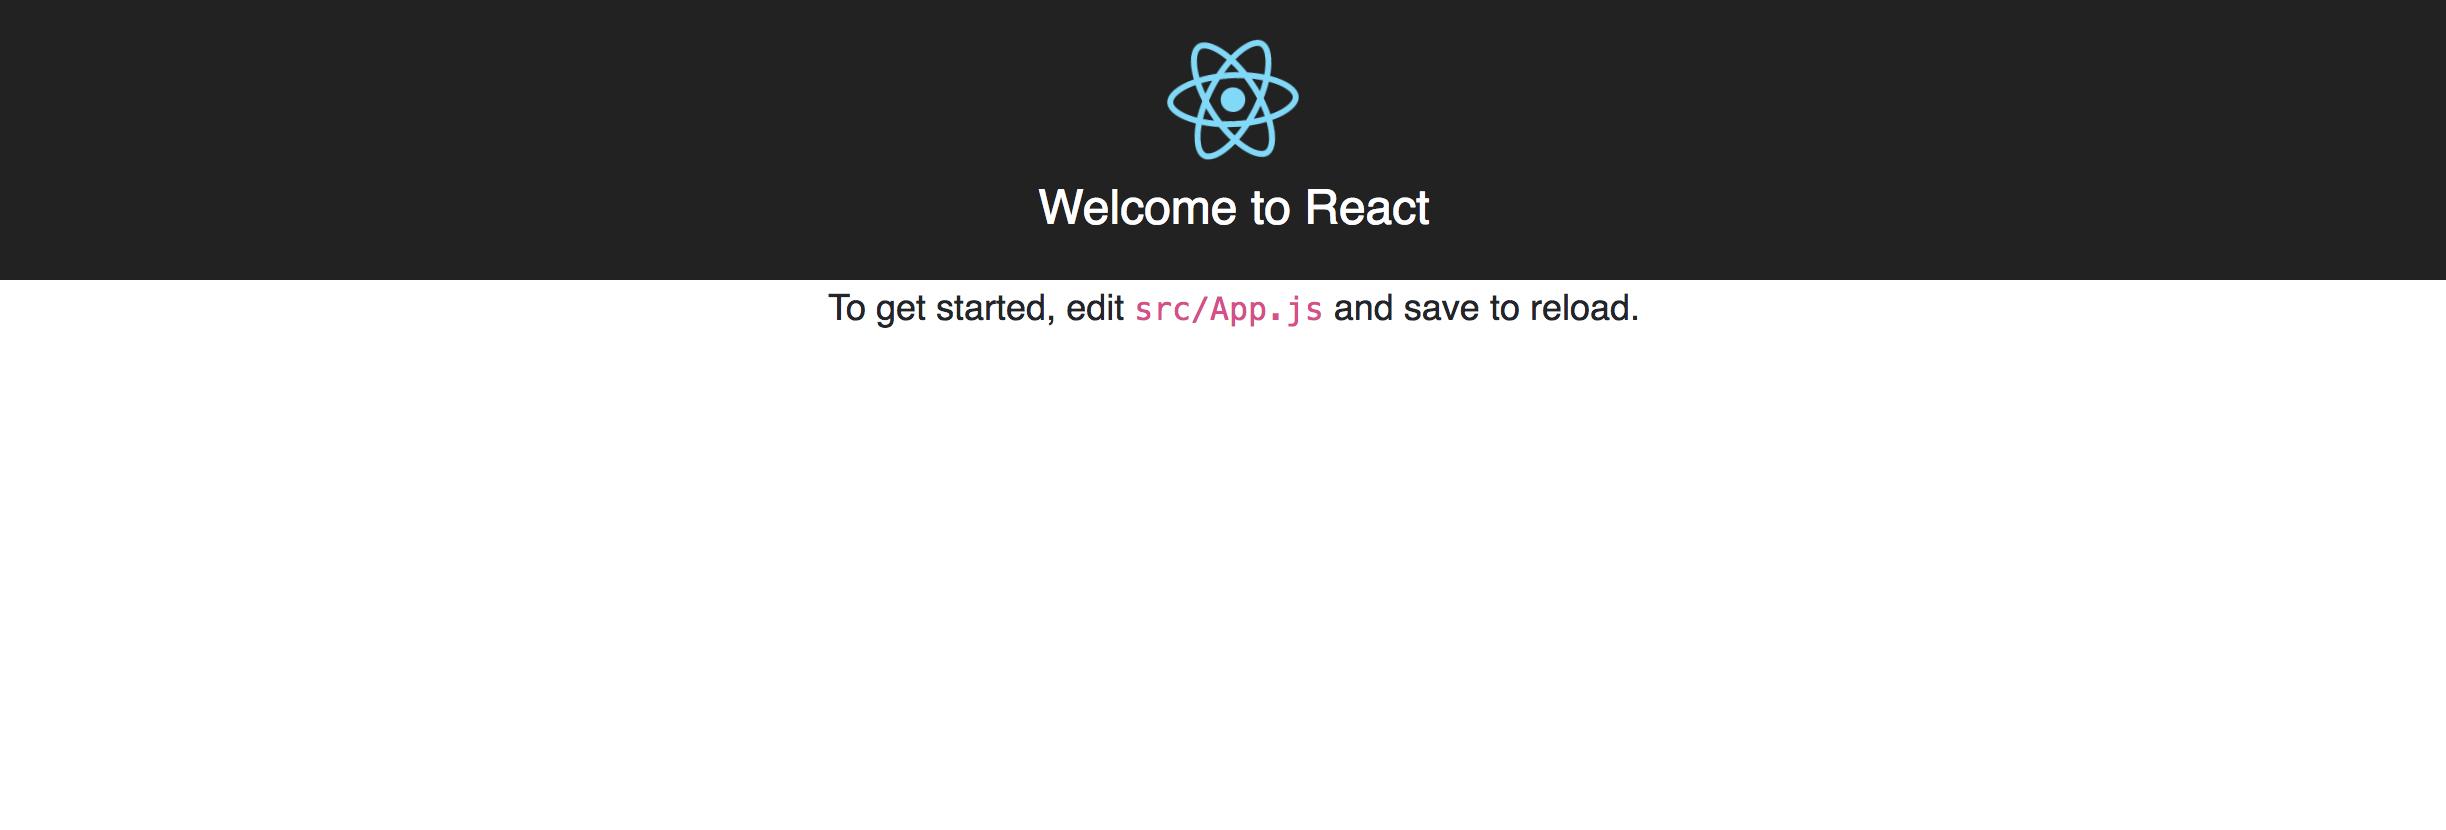 Vue initiale - Bienvenue sur React Screen